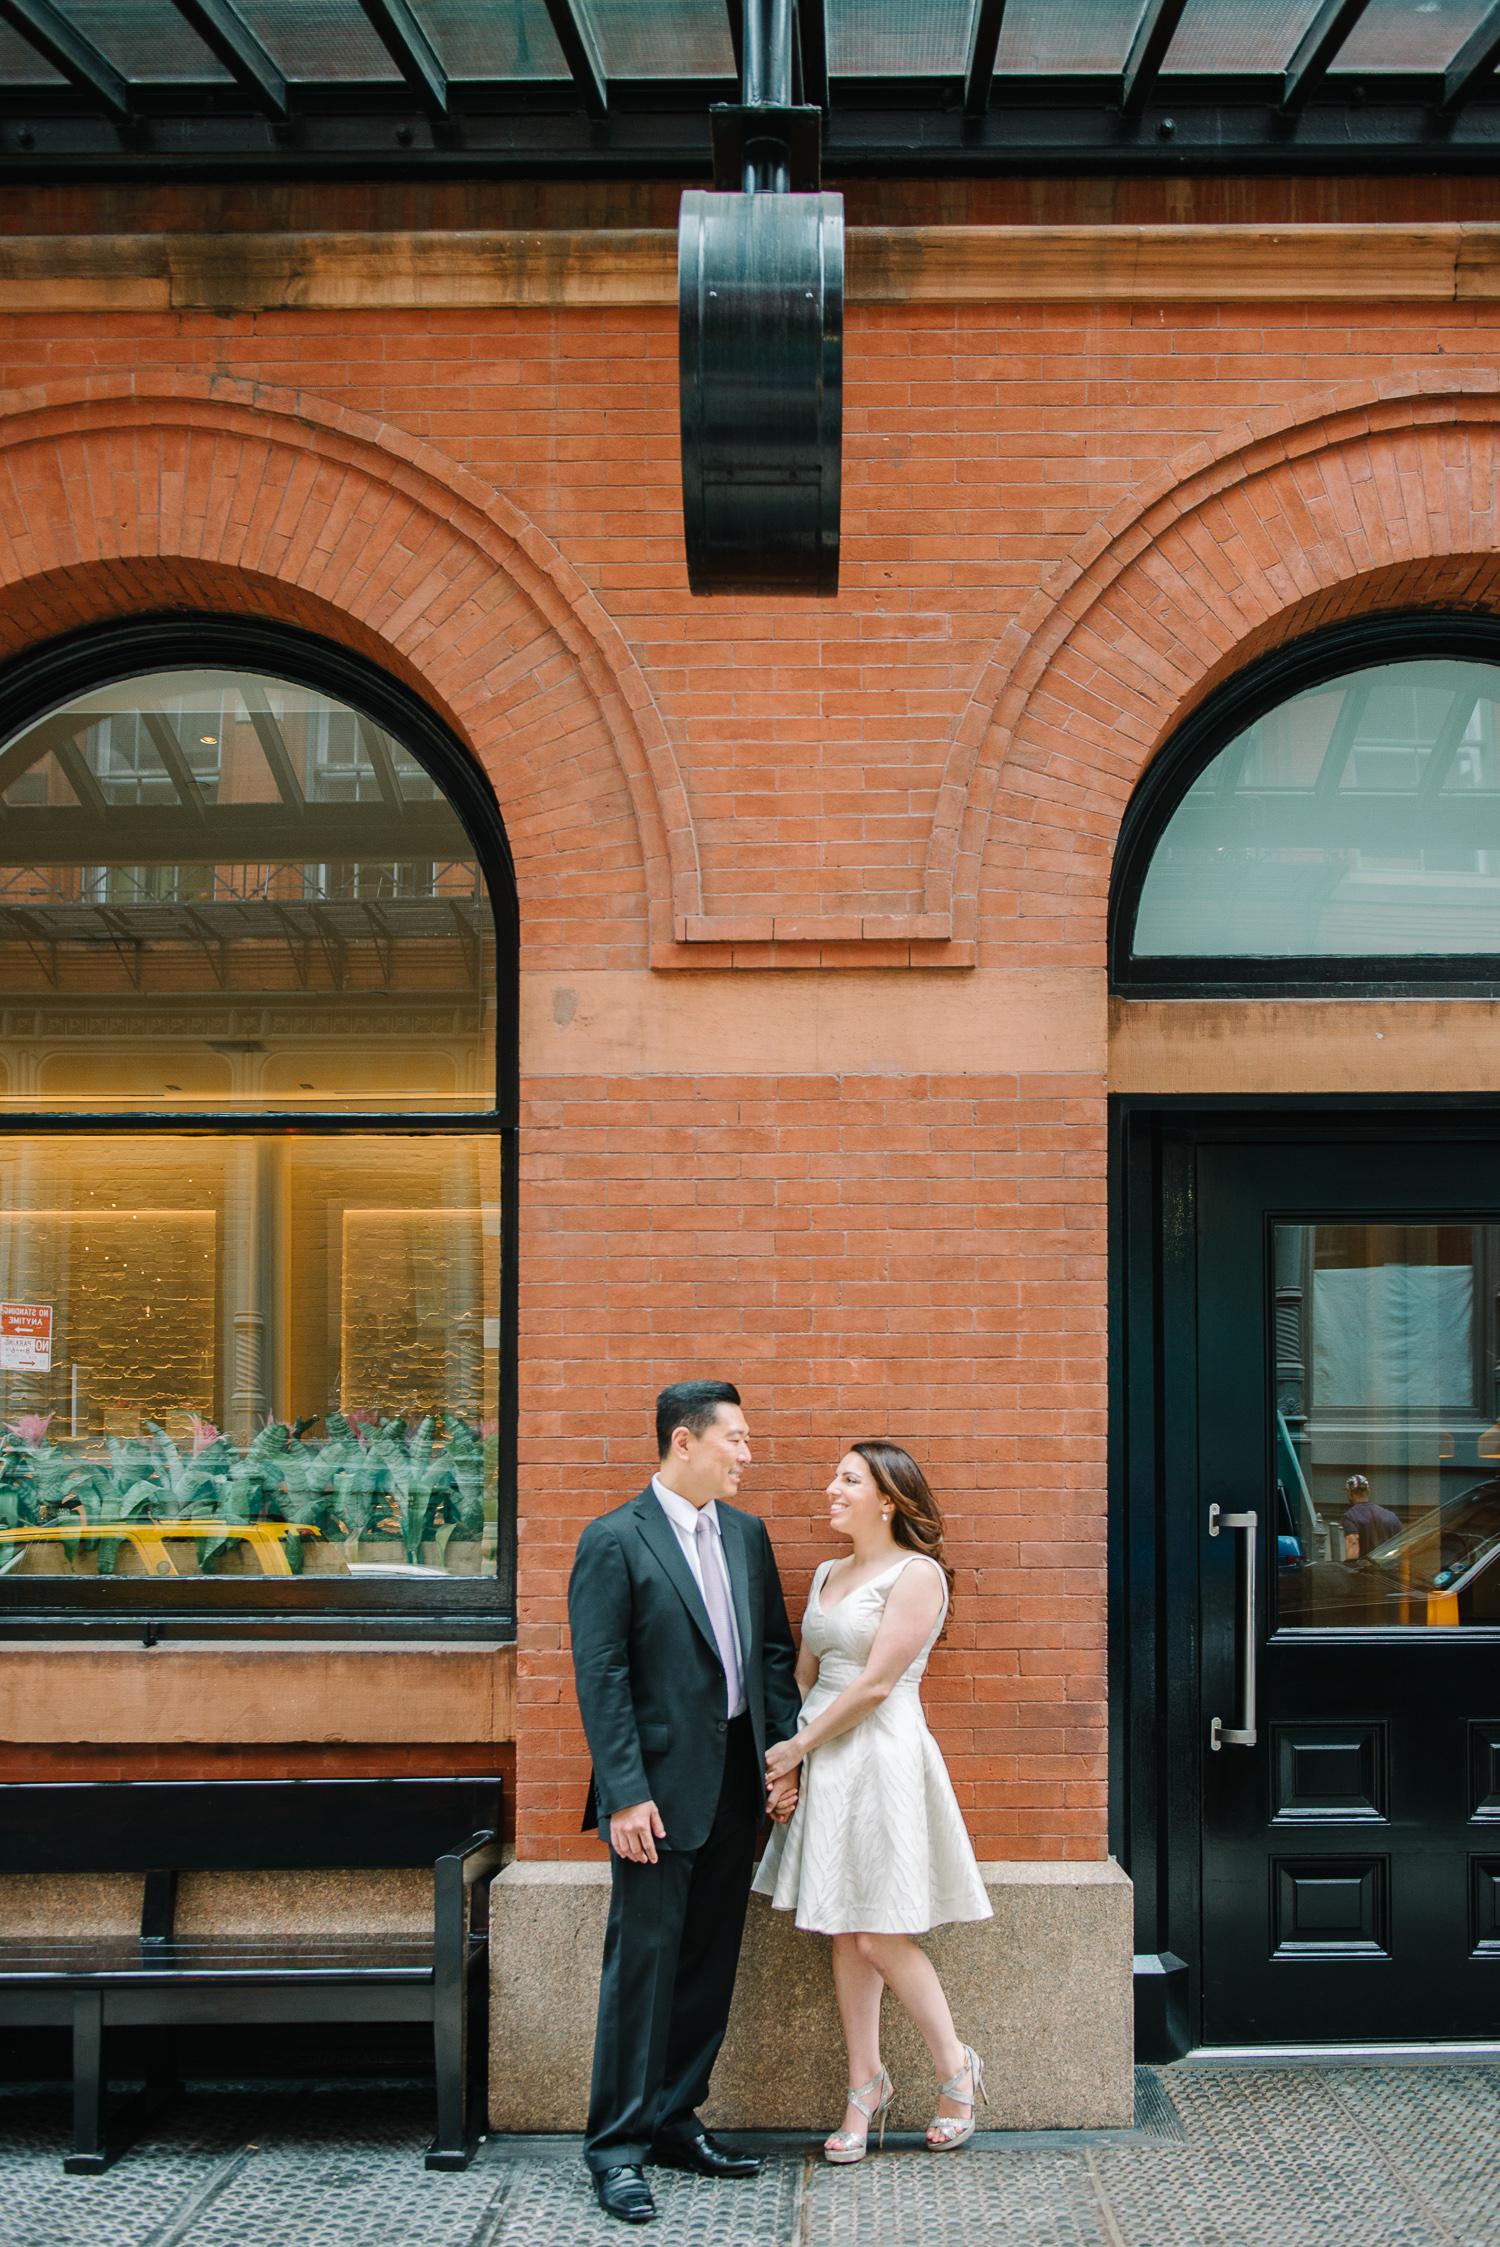 kittle-house-wedding-7.jpg